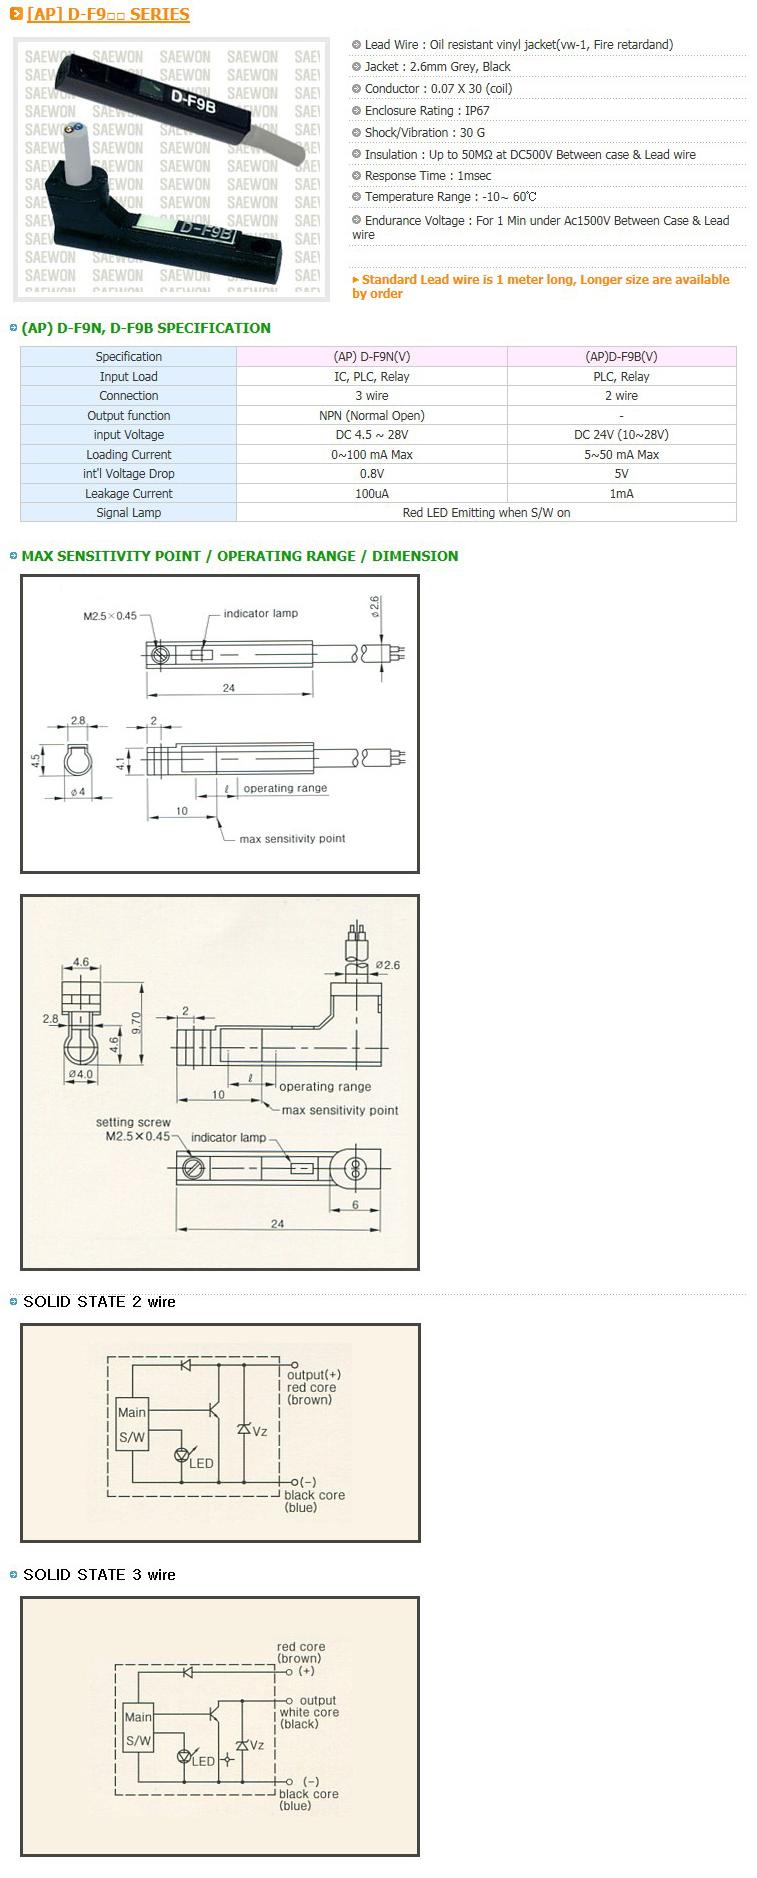 Saewon Electronics PLC AP D-F9 Series